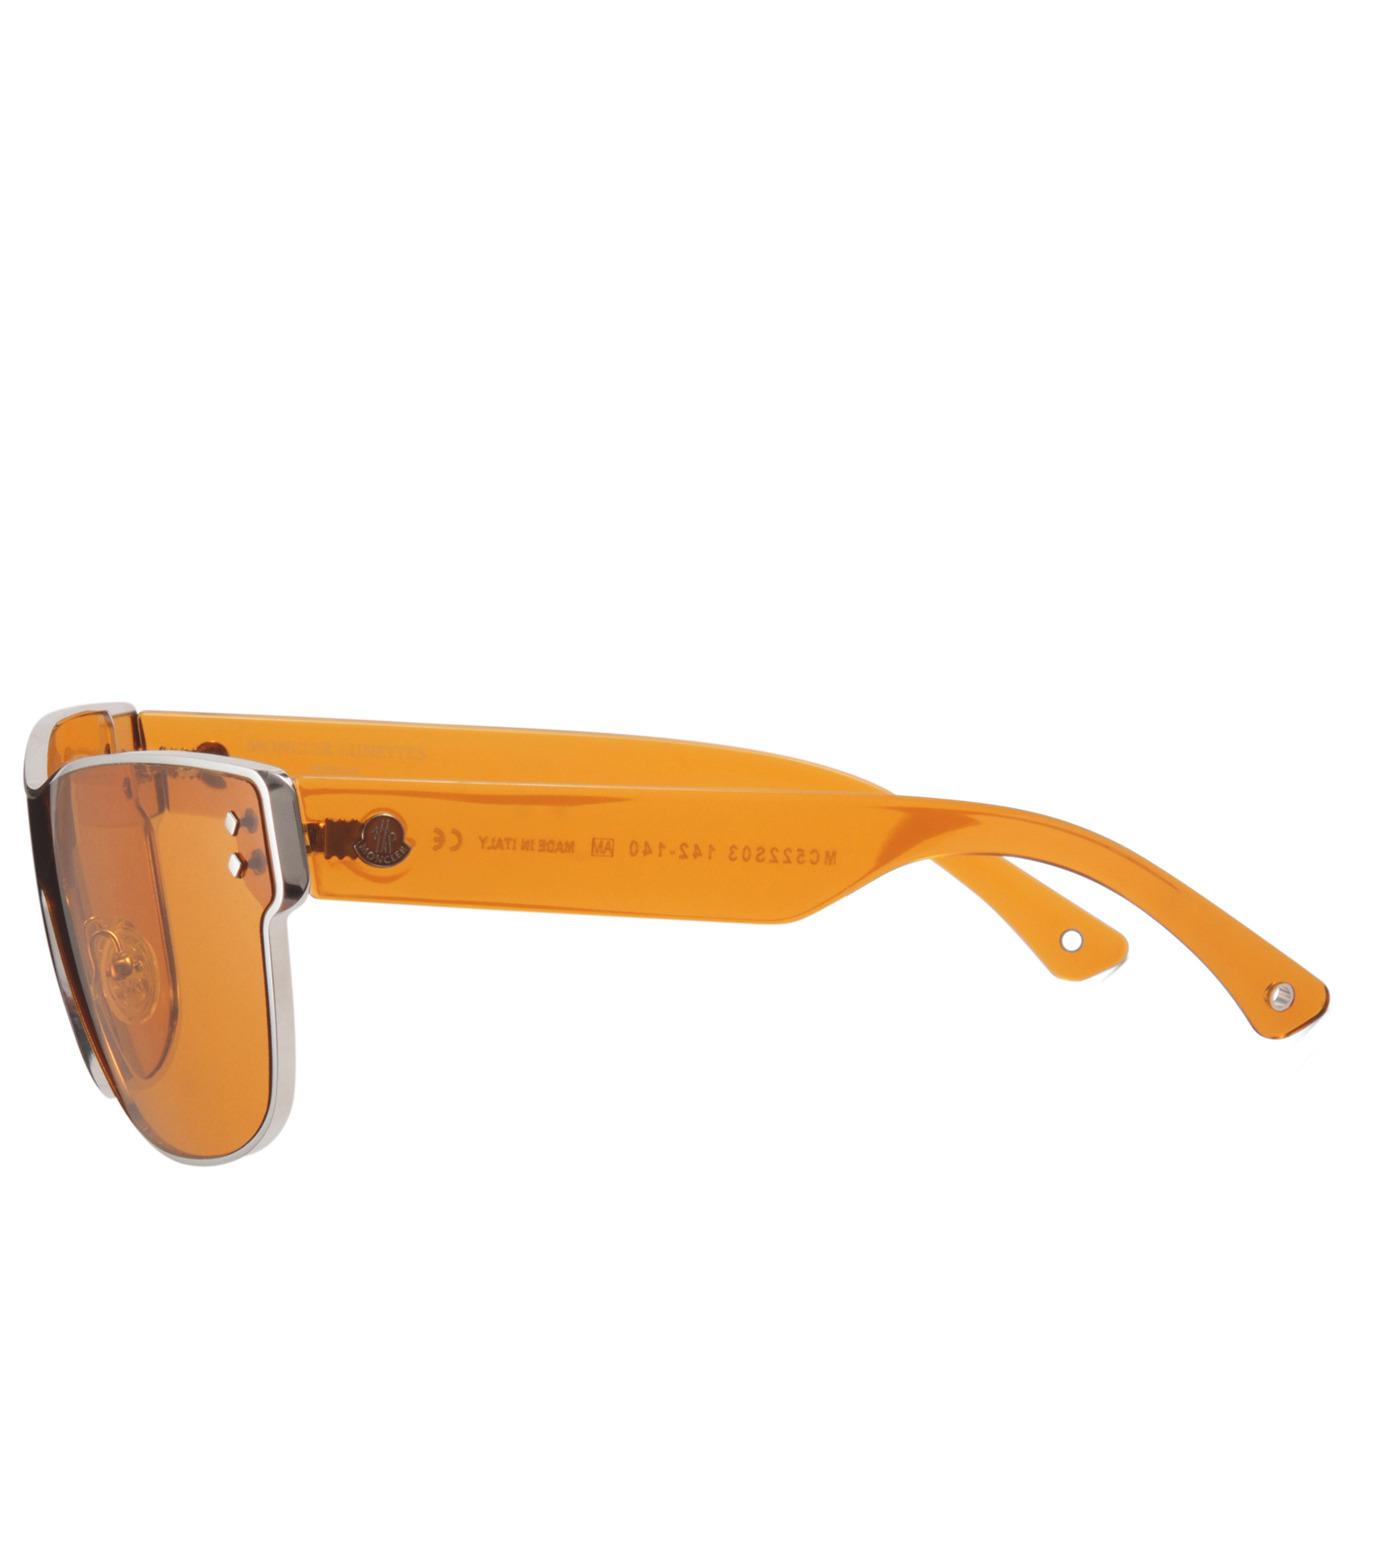 Moncler Eyewear(モンクレールアイウェア)のEYEWEAR-YELLOW(アイウェア/eyewear)-MC522-32 拡大詳細画像2